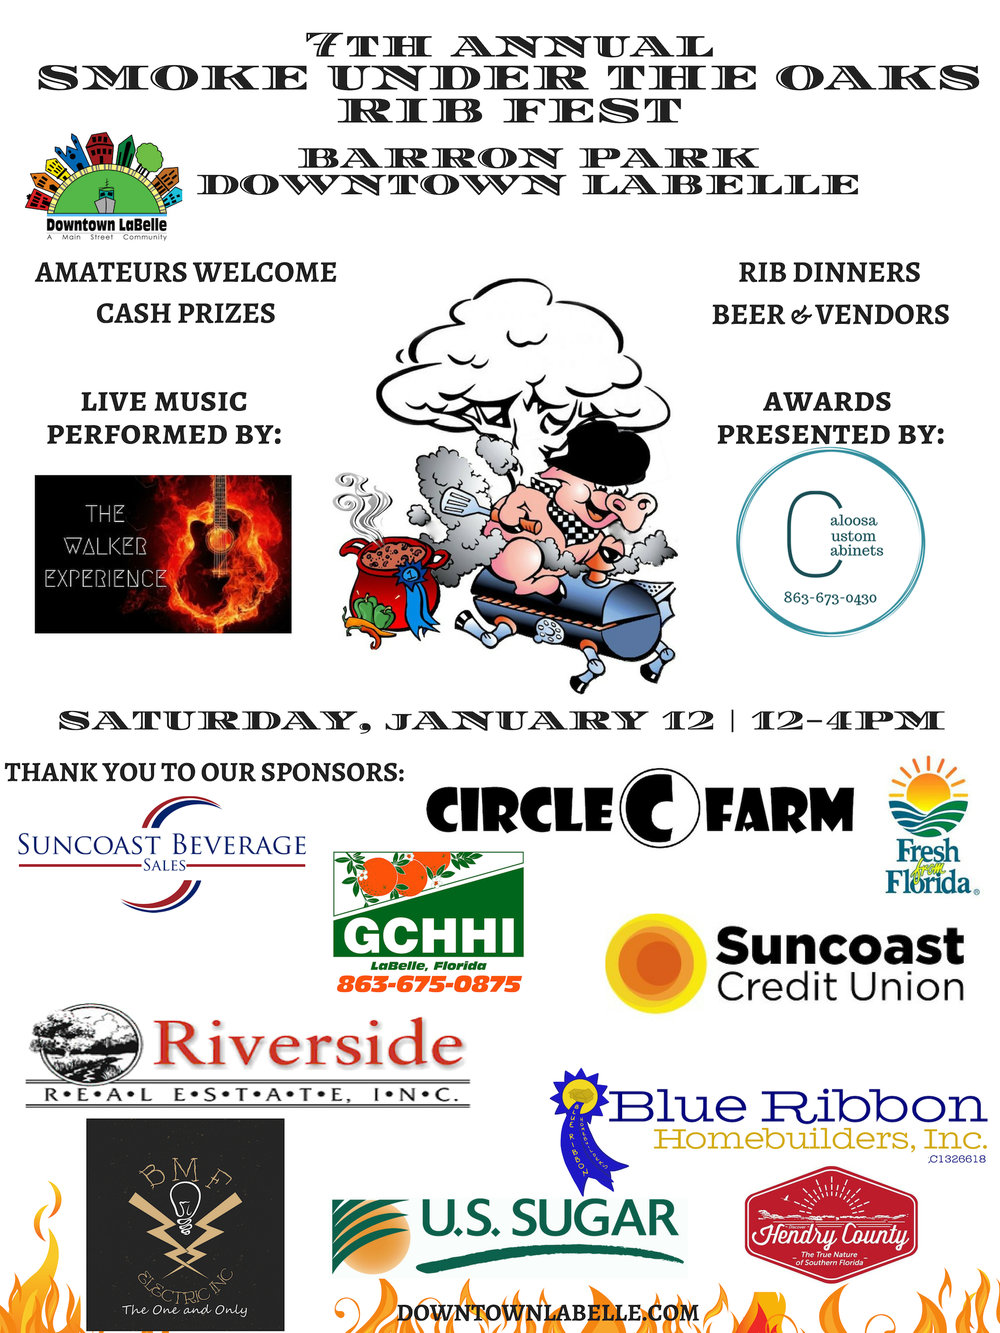 SMOKE UNDER THE OAKS RIB FEST poster vertical 010919.jpg